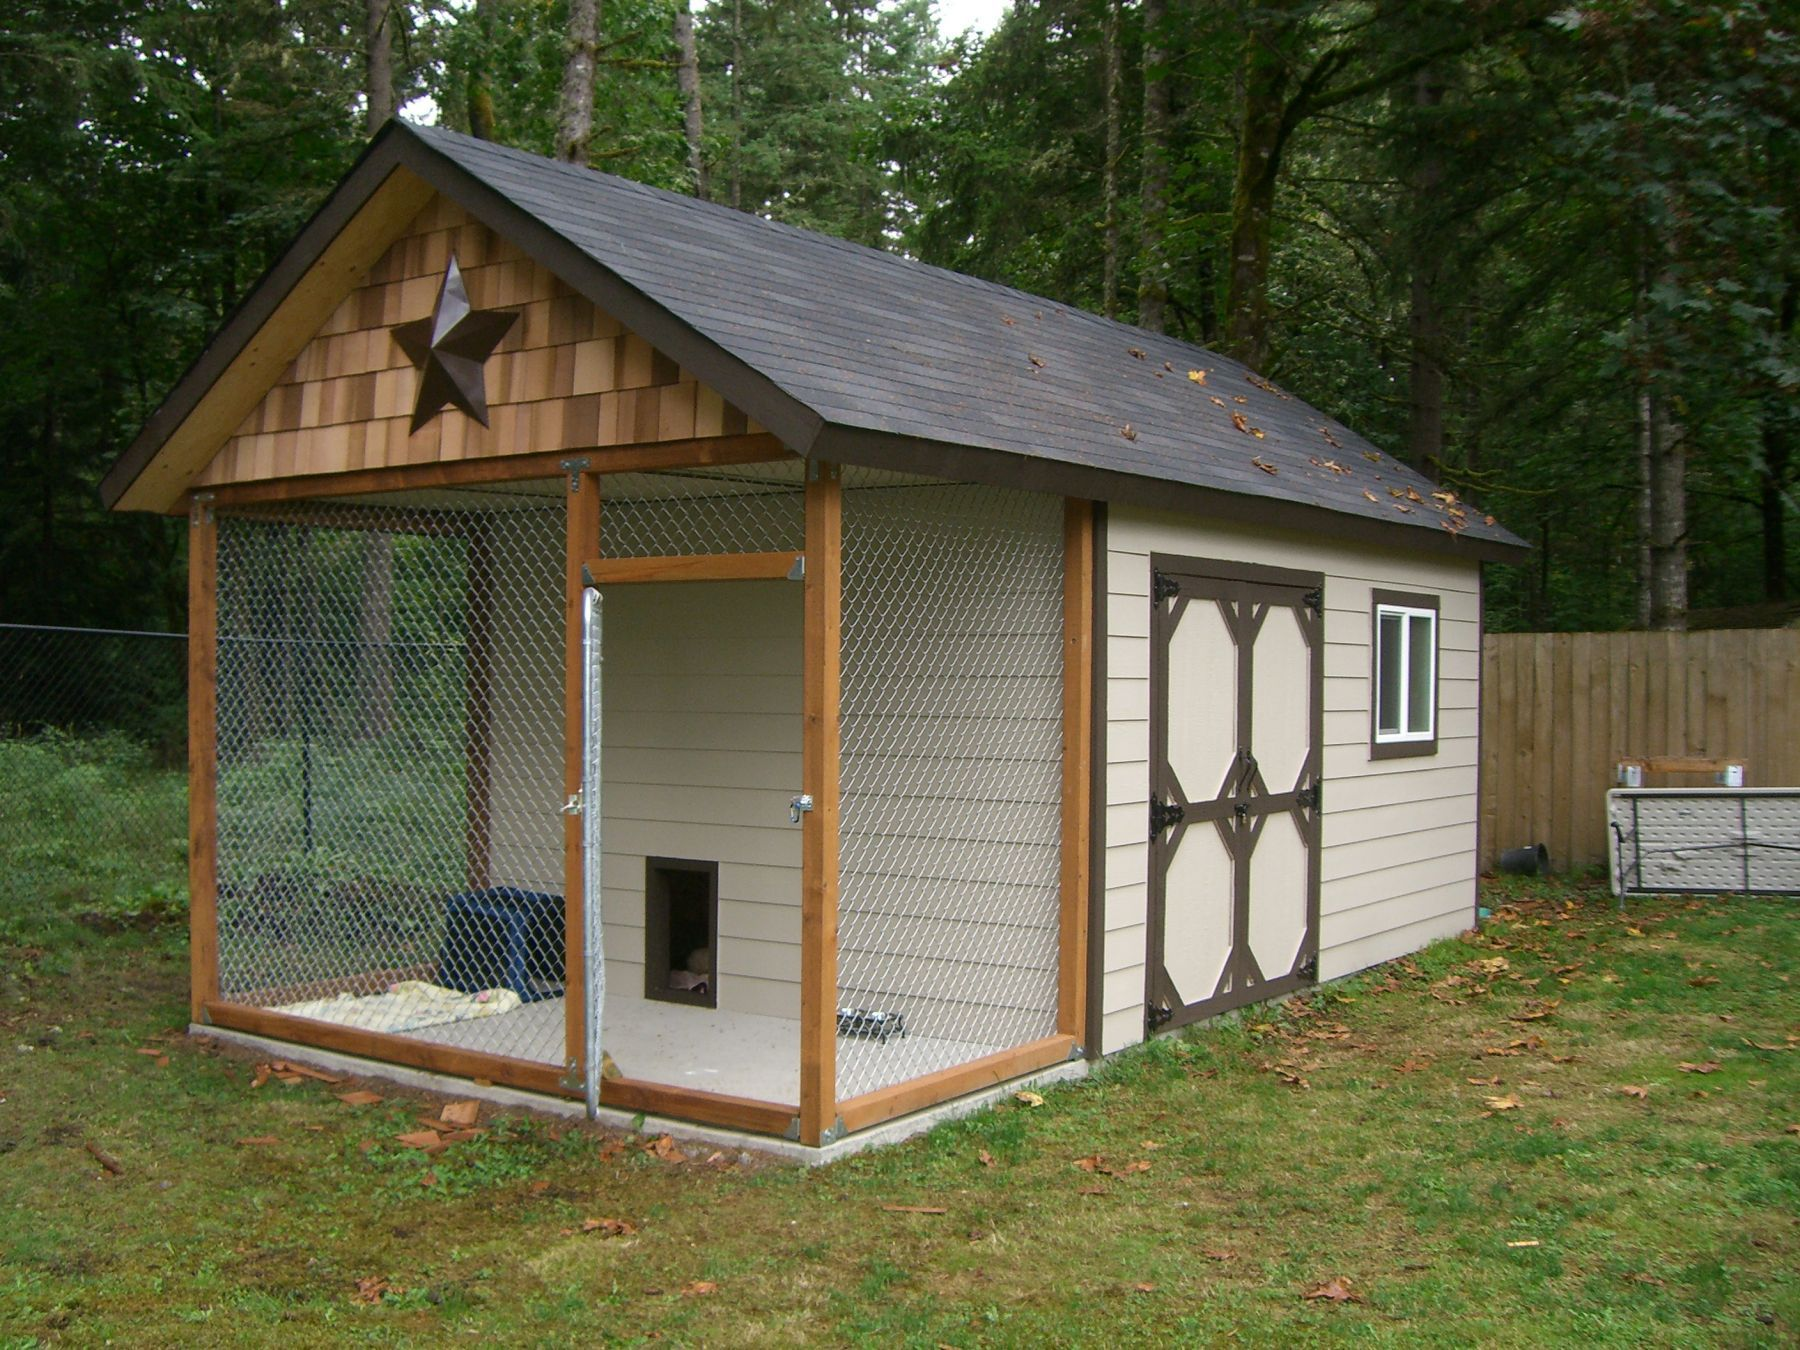 Dog House Shed Kennel Design Ideas Tips Backyard Sheds Shed